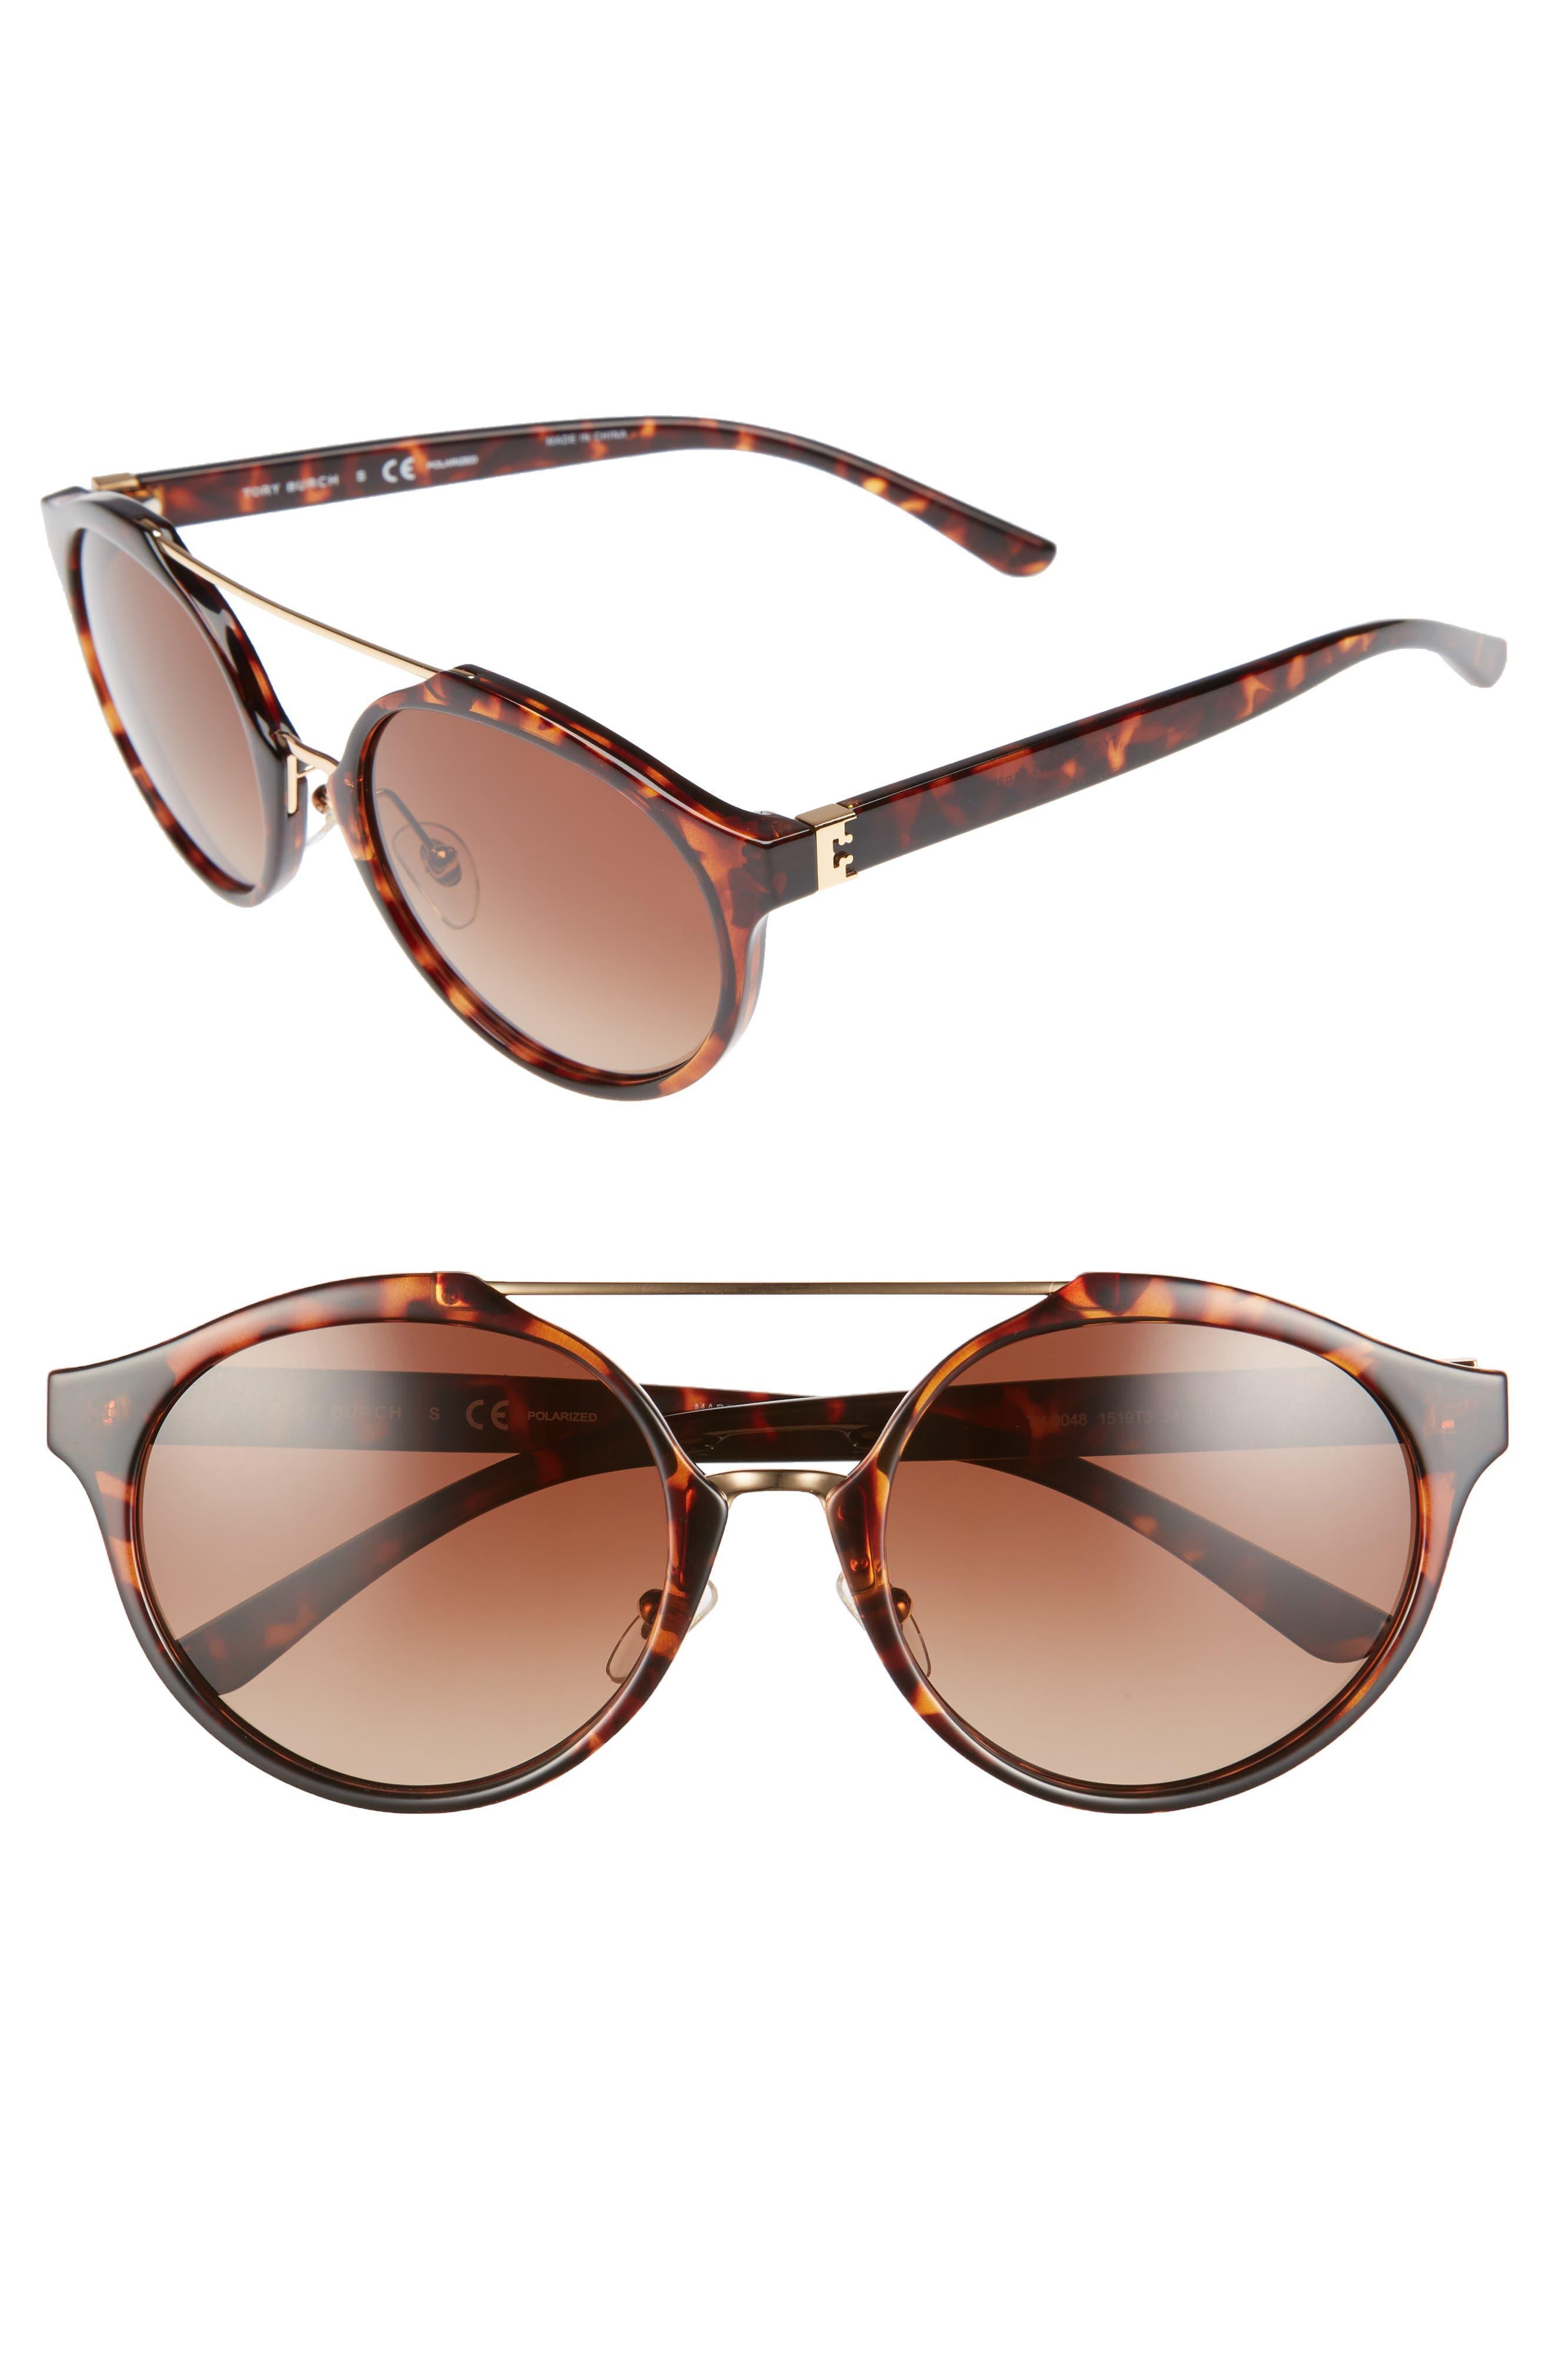 54mm Polarized Sunglasses,                             Main thumbnail 1, color,                             Tortoise/ Polar